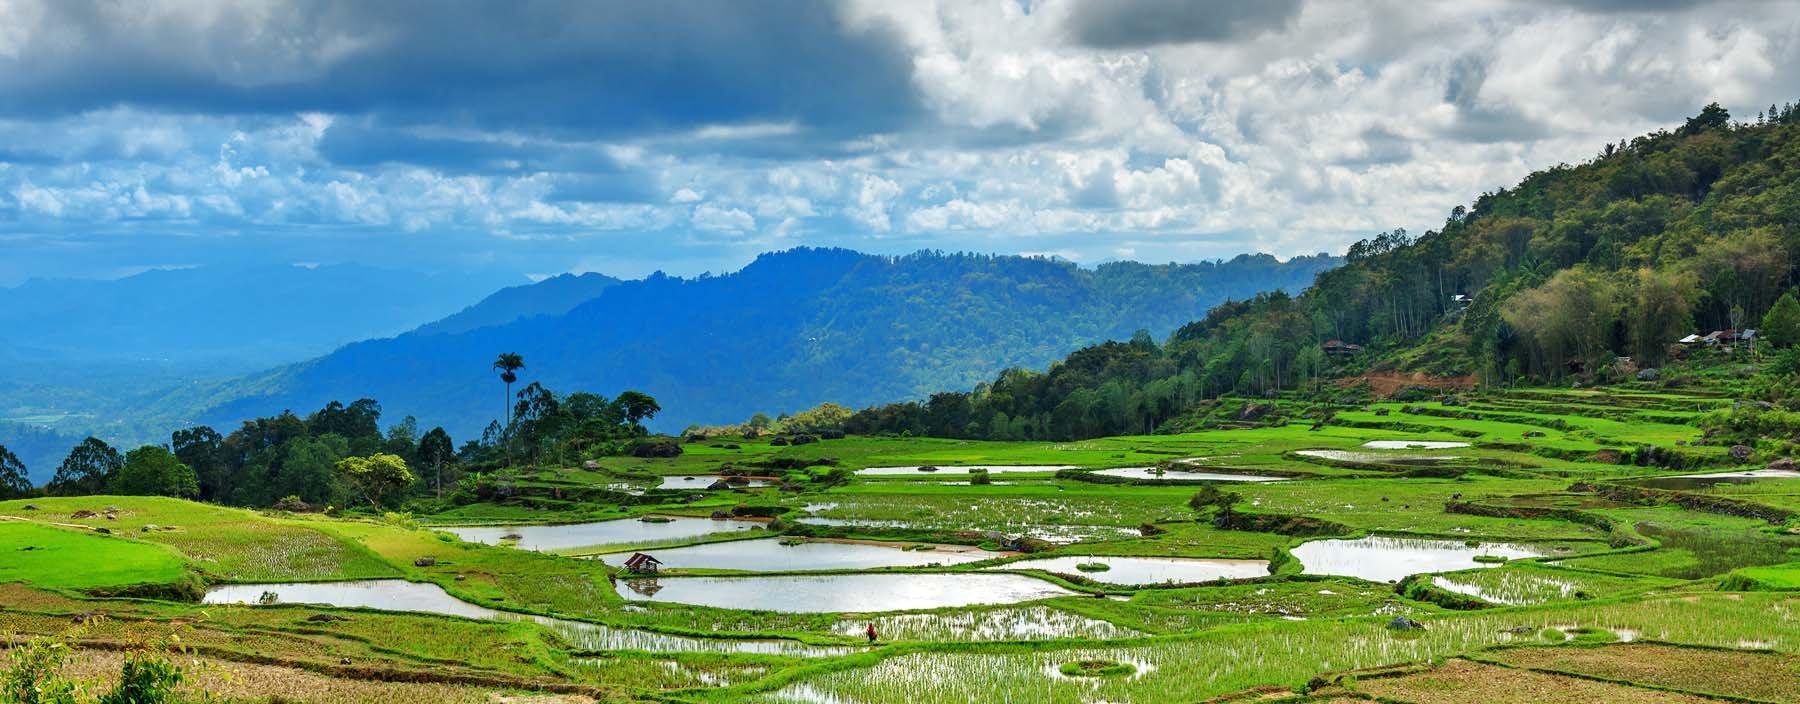 id, sulawesi, tana toraja, rice fields (5).jpg